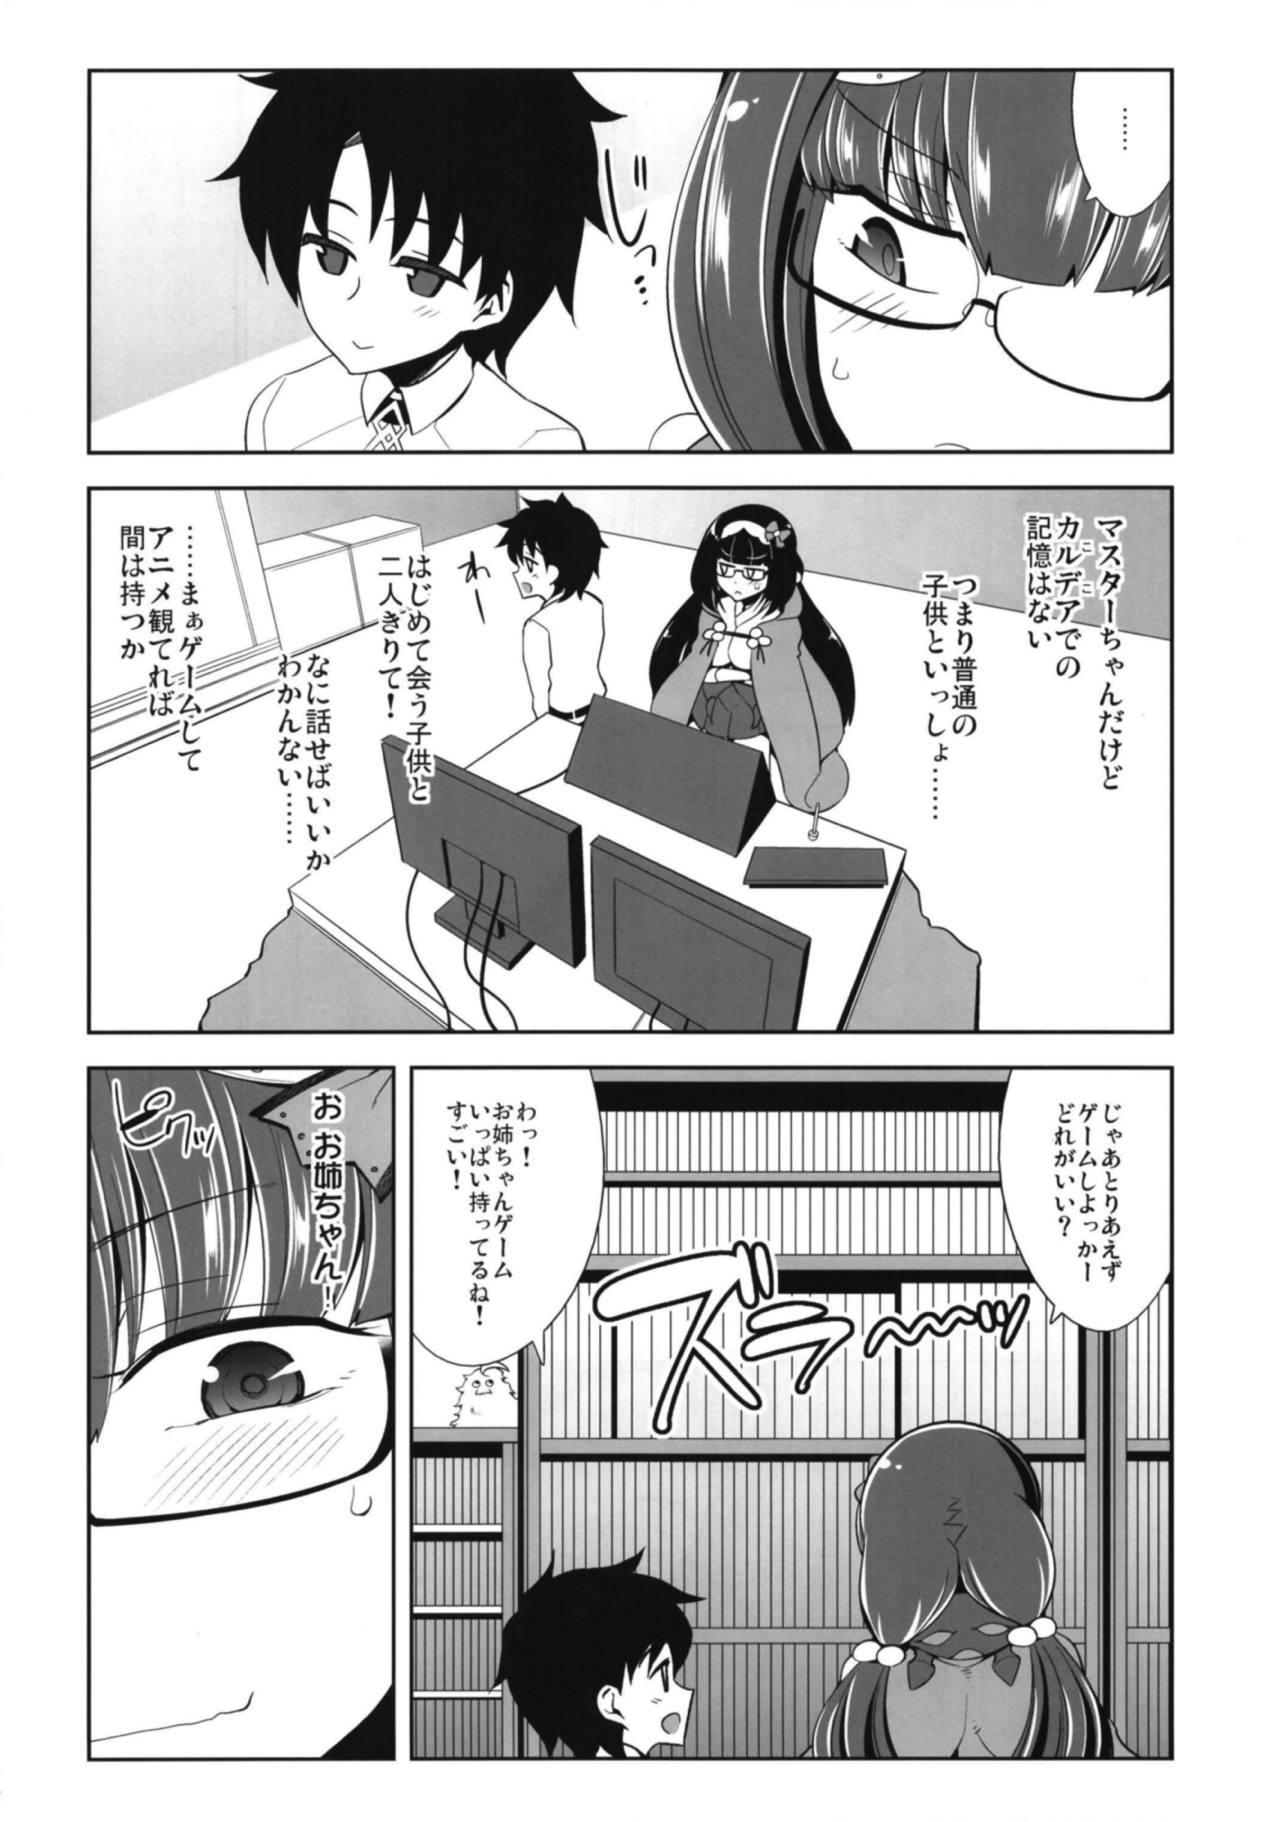 E!? Kono Shota Master-chan no Mendou o Watashi ga? 4